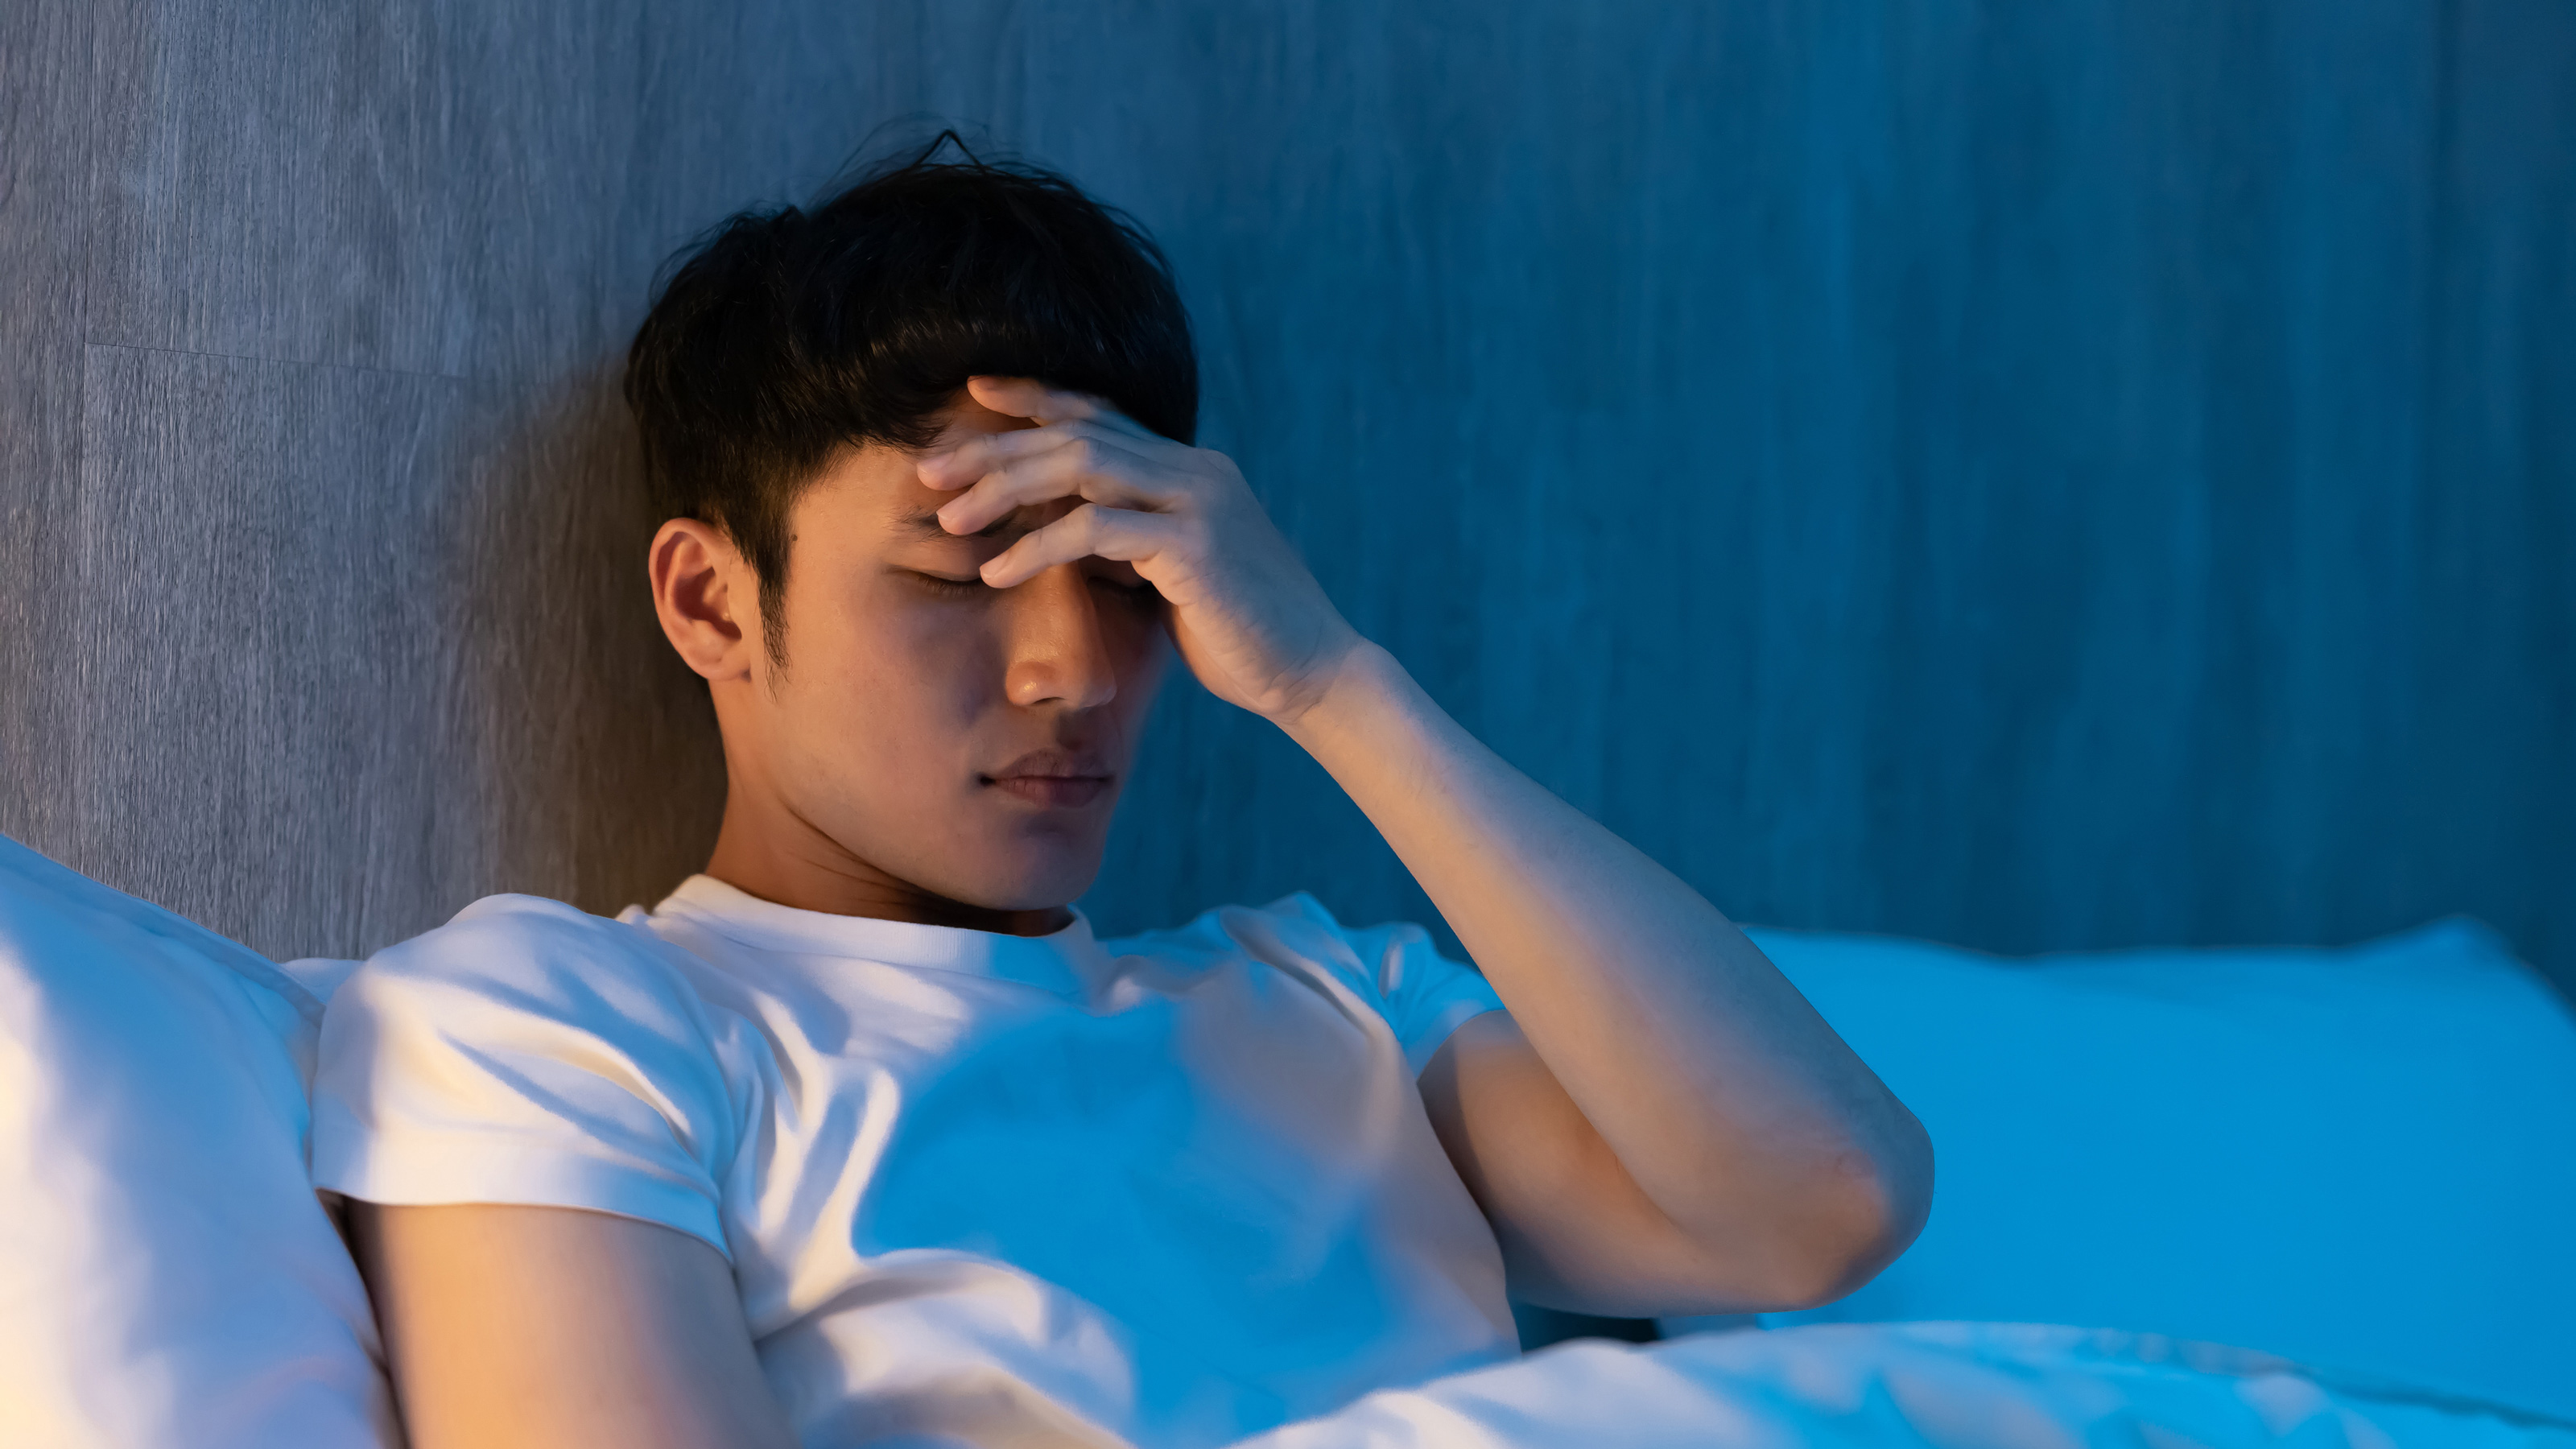 コロナ 倦怠 感 微熱 強い倦怠感と微熱…コロナでしょうか